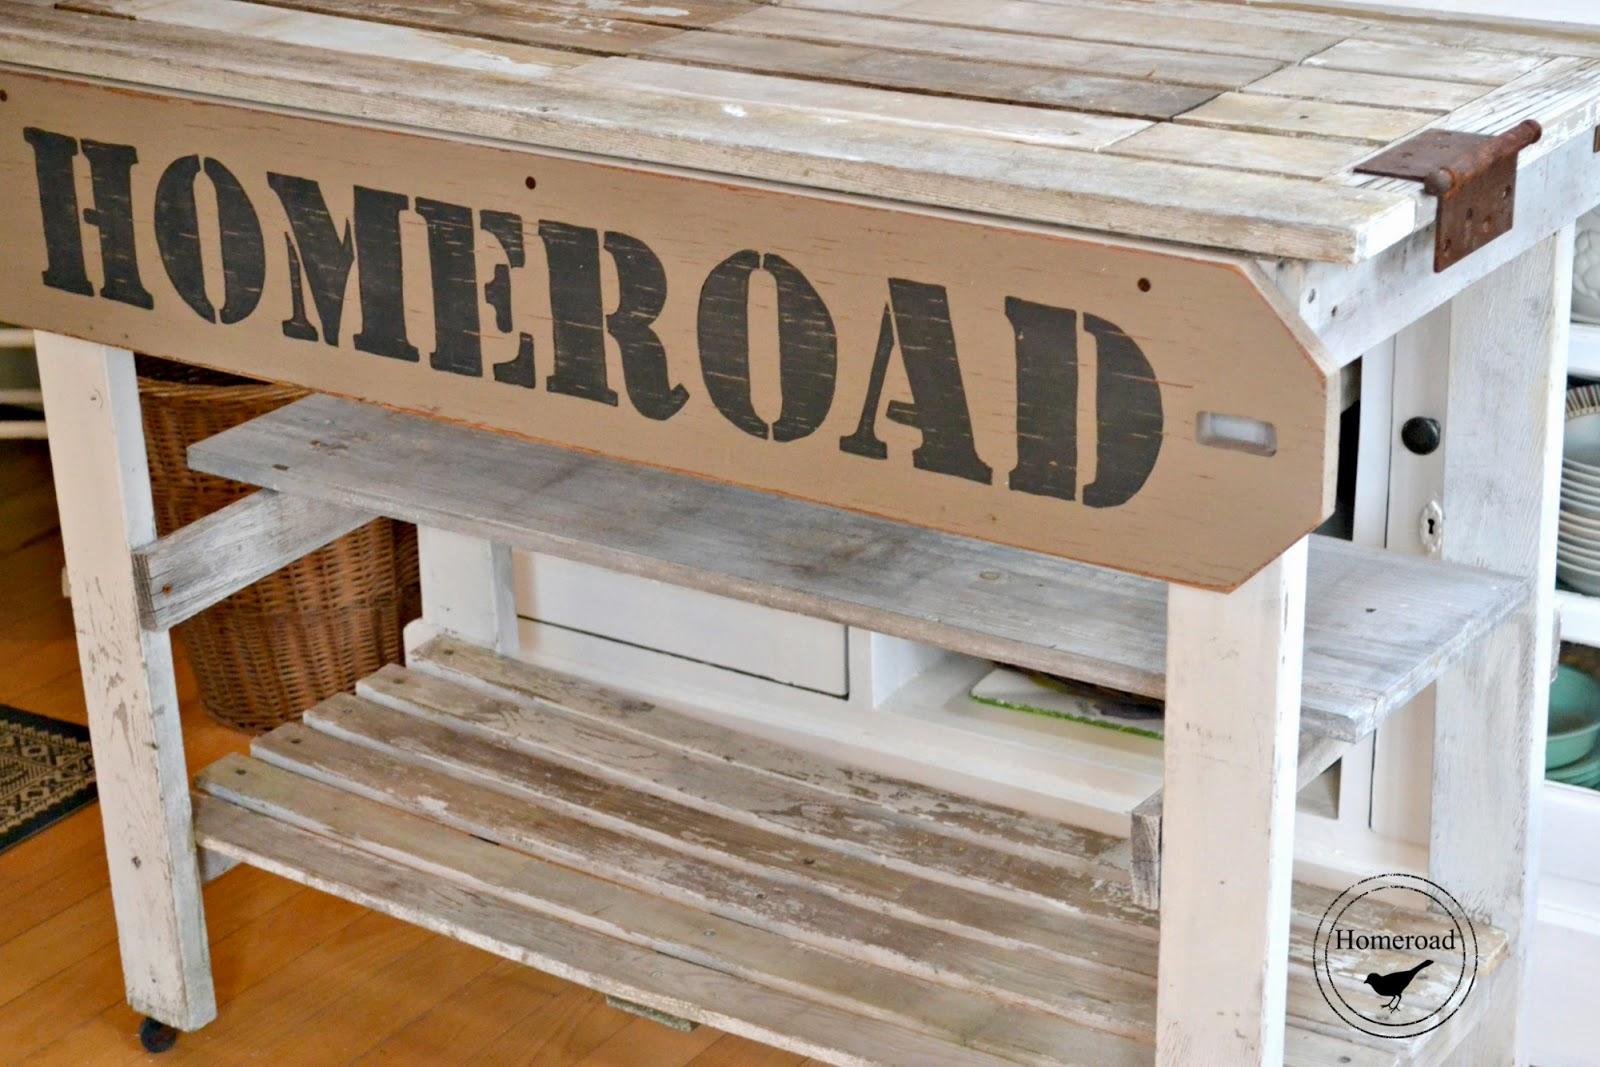 homeroad coffee table www.homeroad.net